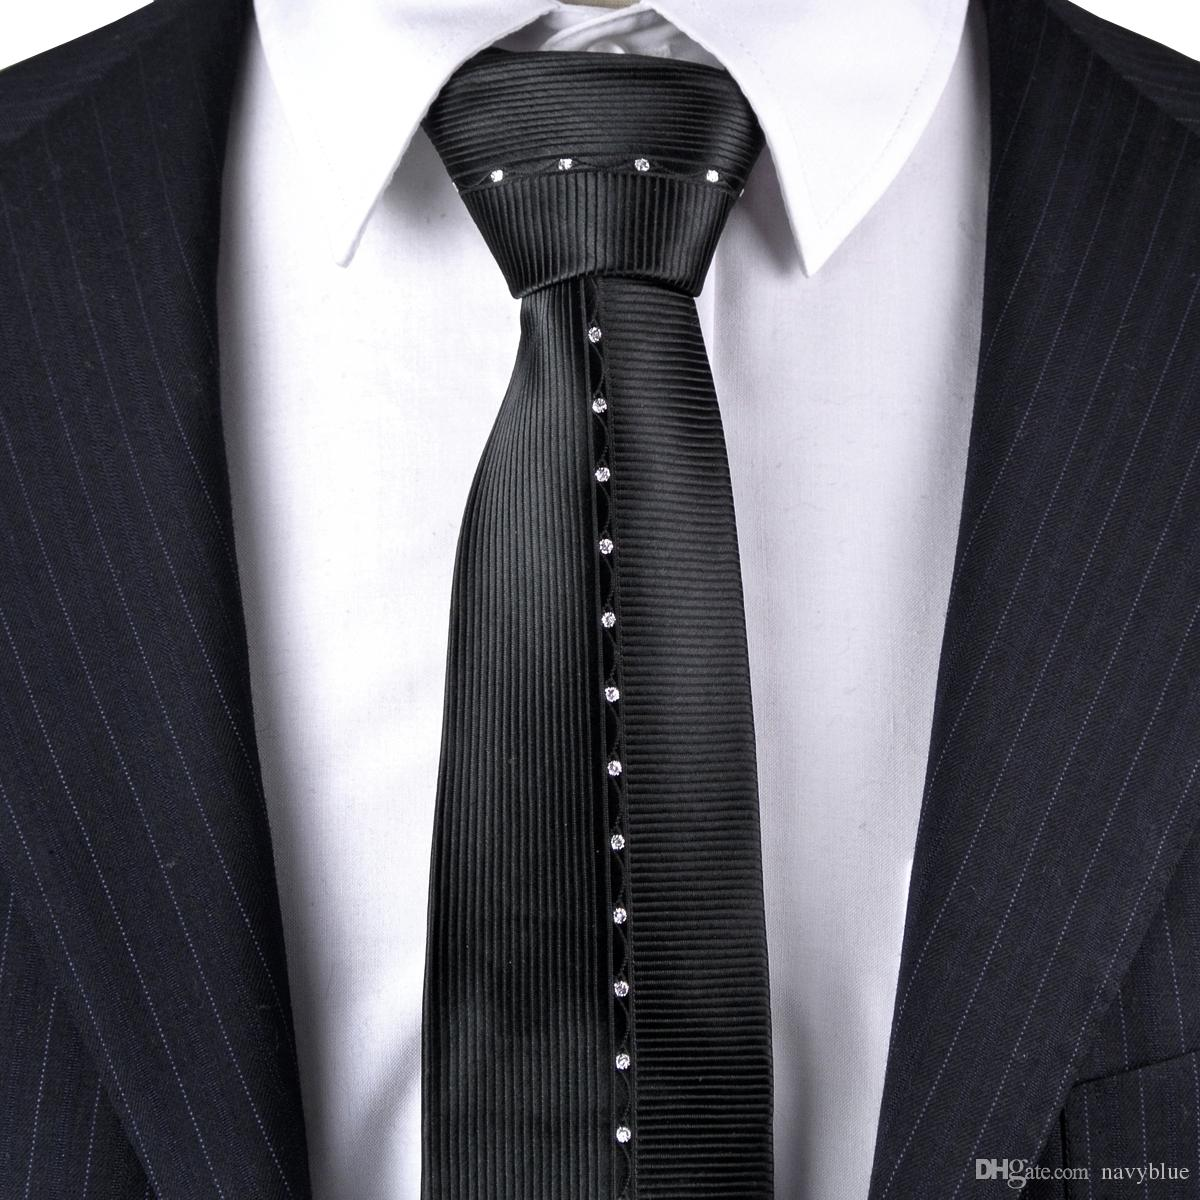 vraie affaire choisir le plus récent acheter maintenant Skinny Tie Solid Polka Dots Noir Blanc Hommes Cravates Cravates Slim 100%  Soie Jacquard Tissé Livraison Gratuite En Gros À La Main